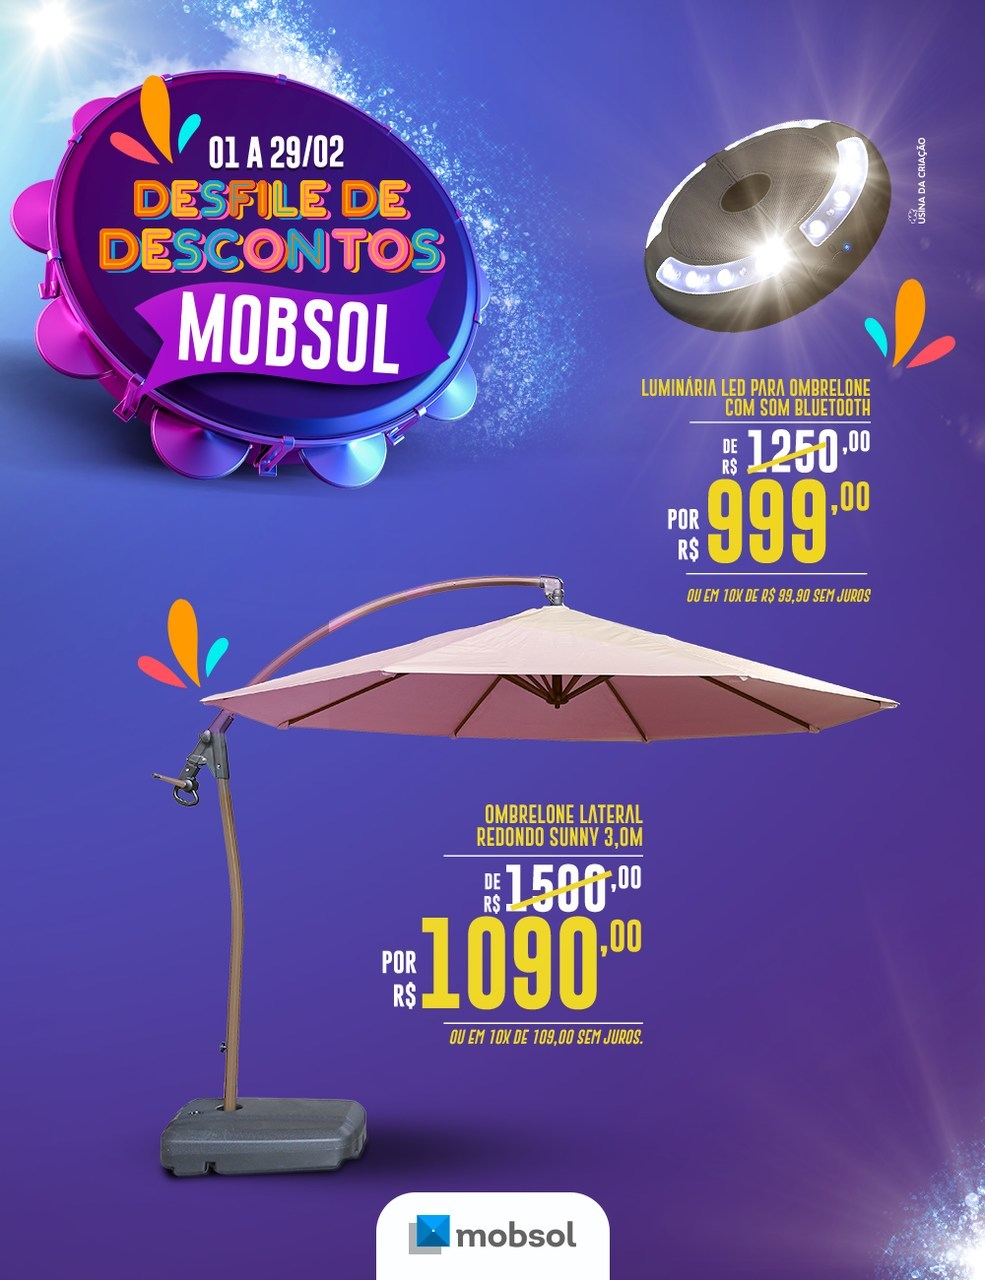 Carnaval - Mobsol